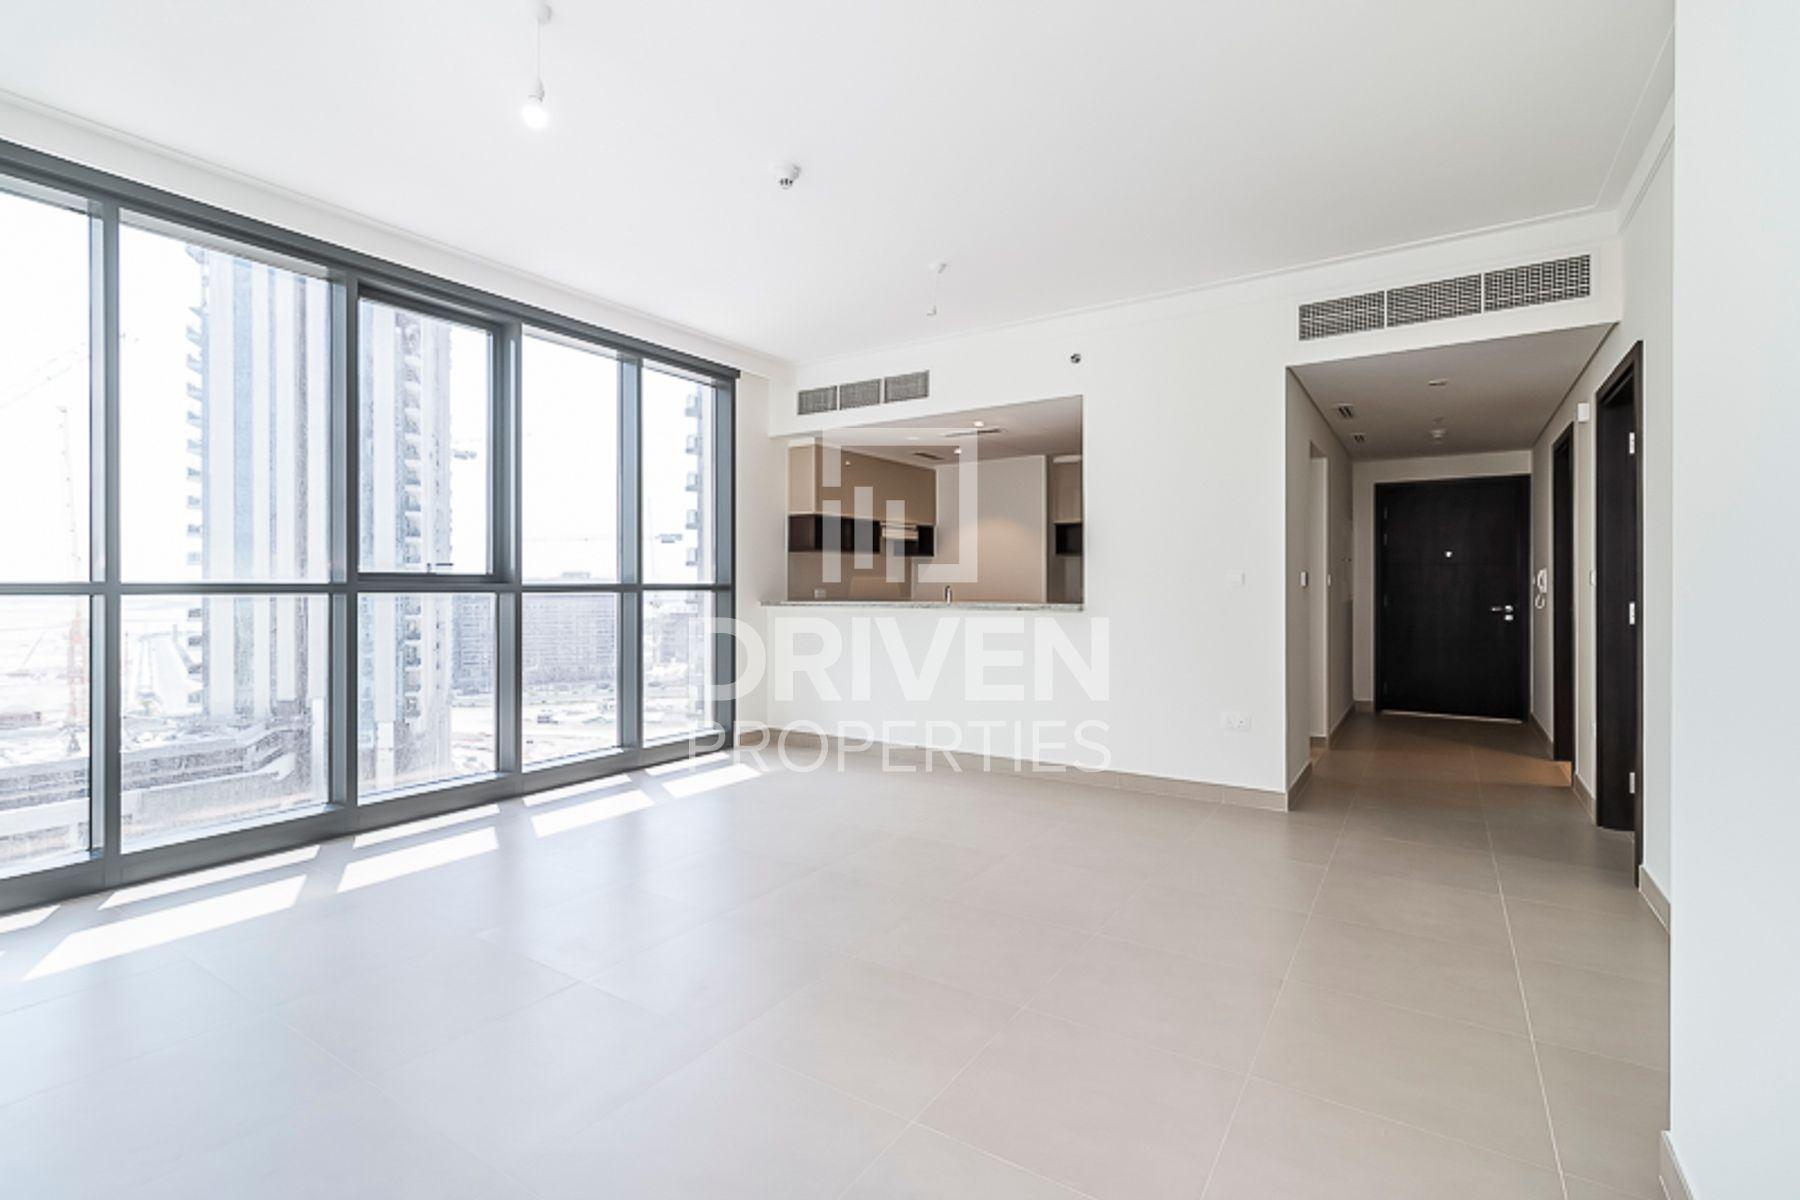 900 قدم مربع  شقة - للبيع - ميناء خور دبي